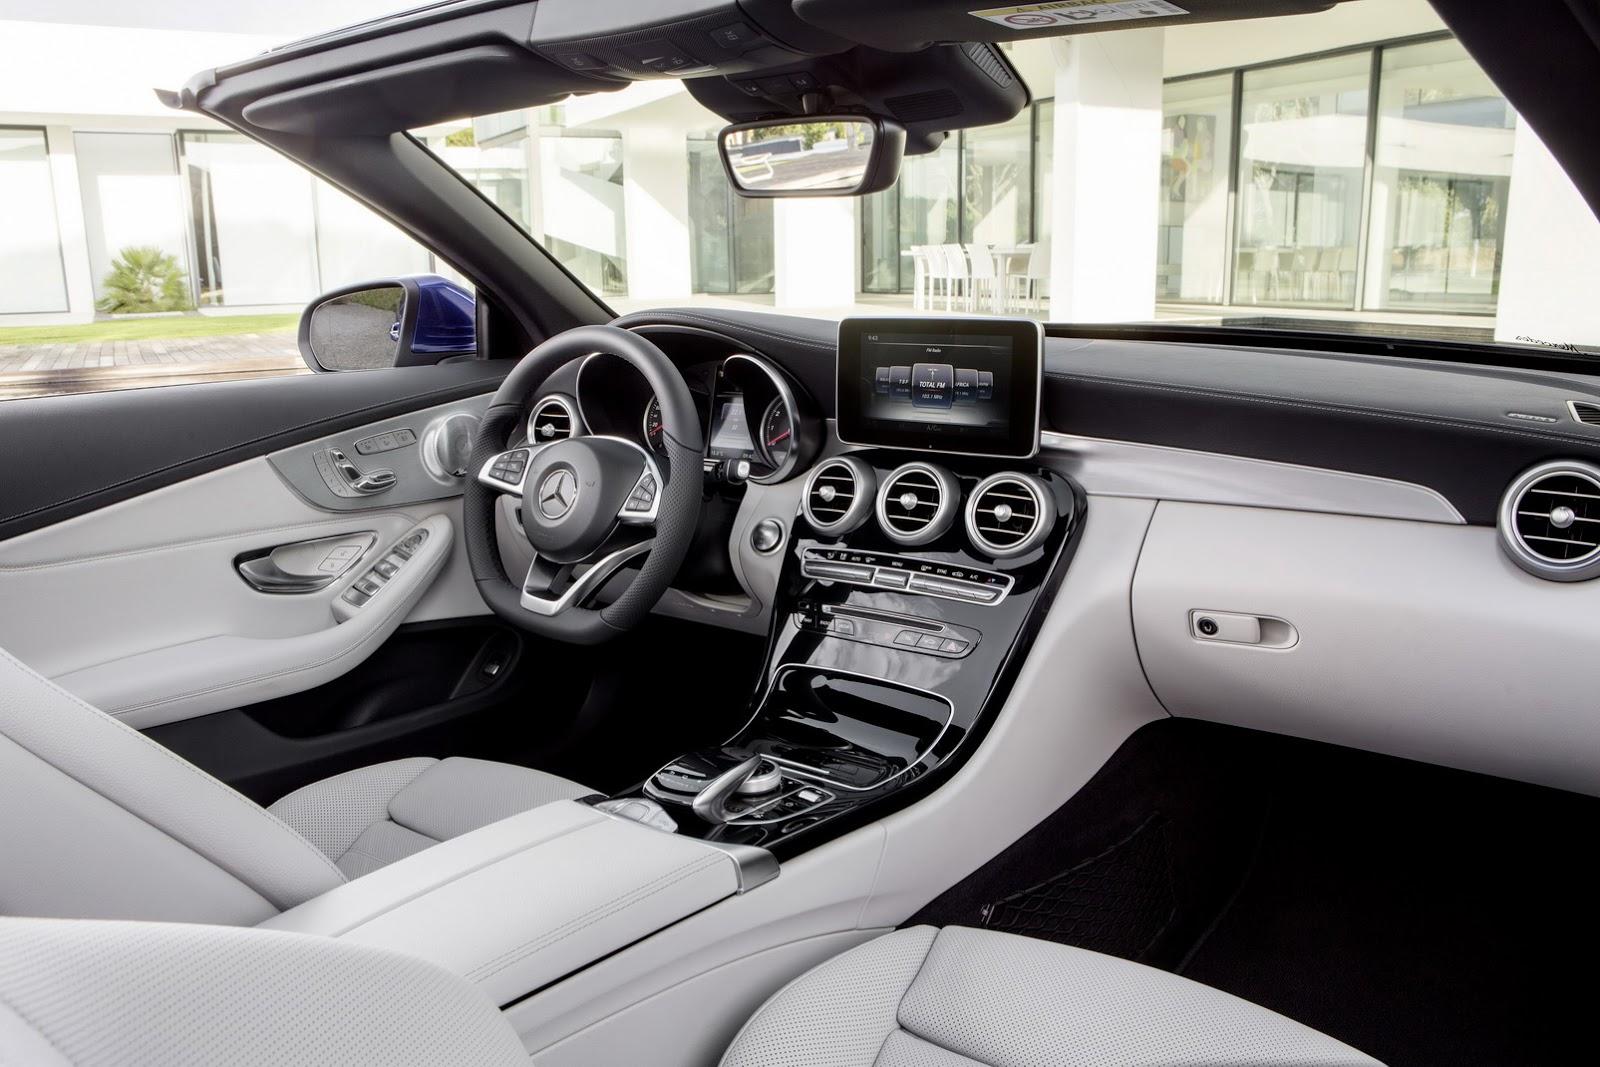 Mercedes-Benz Classe C Cabrio 2